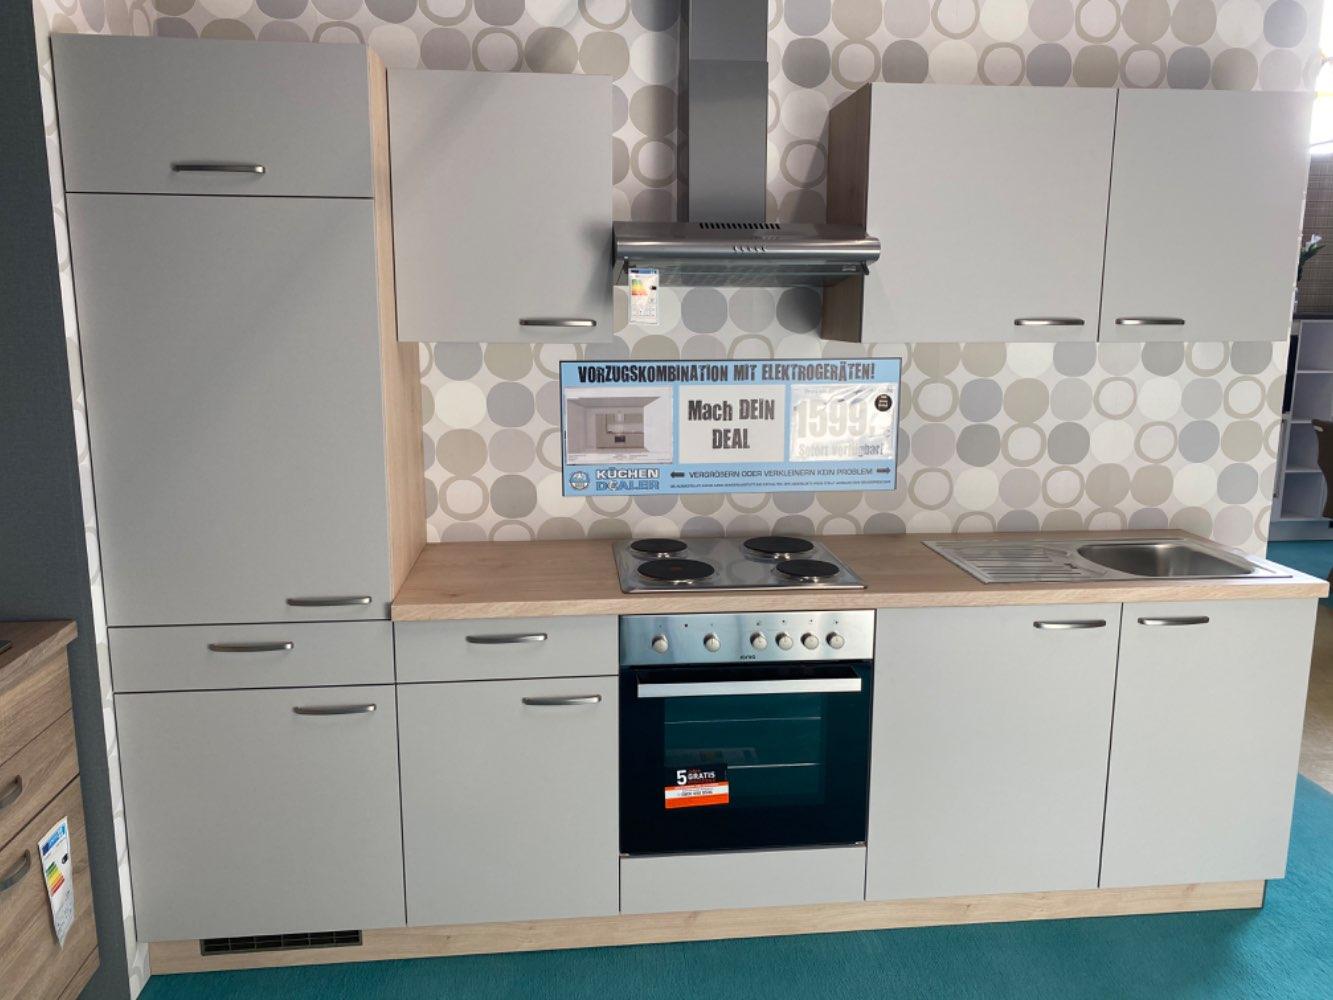 Einbauküche / Küche mit E-Geräten Top Deal Koje 23b